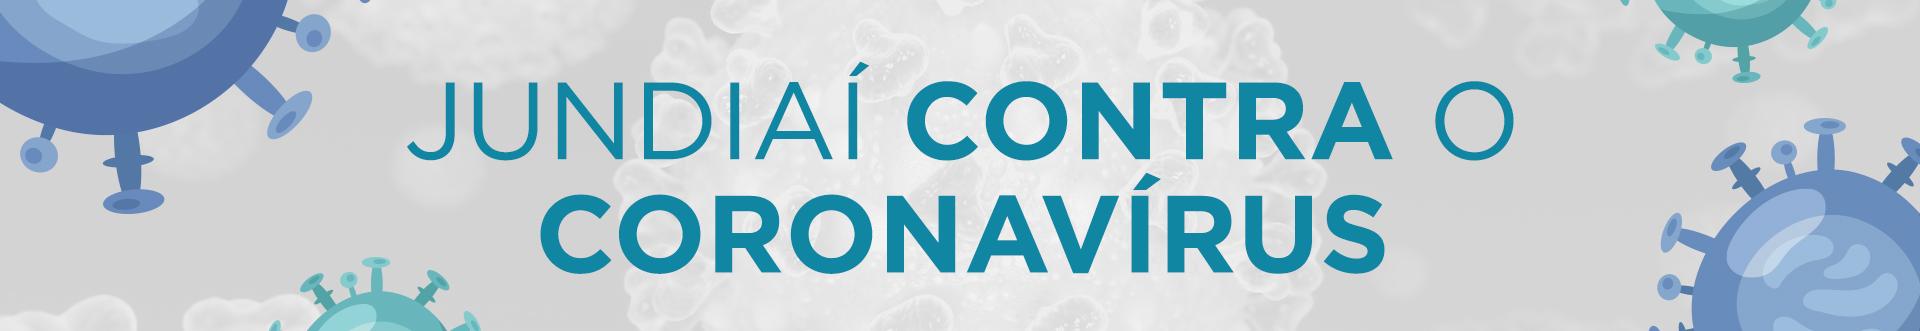 Jundiaí contra o Coronavírus